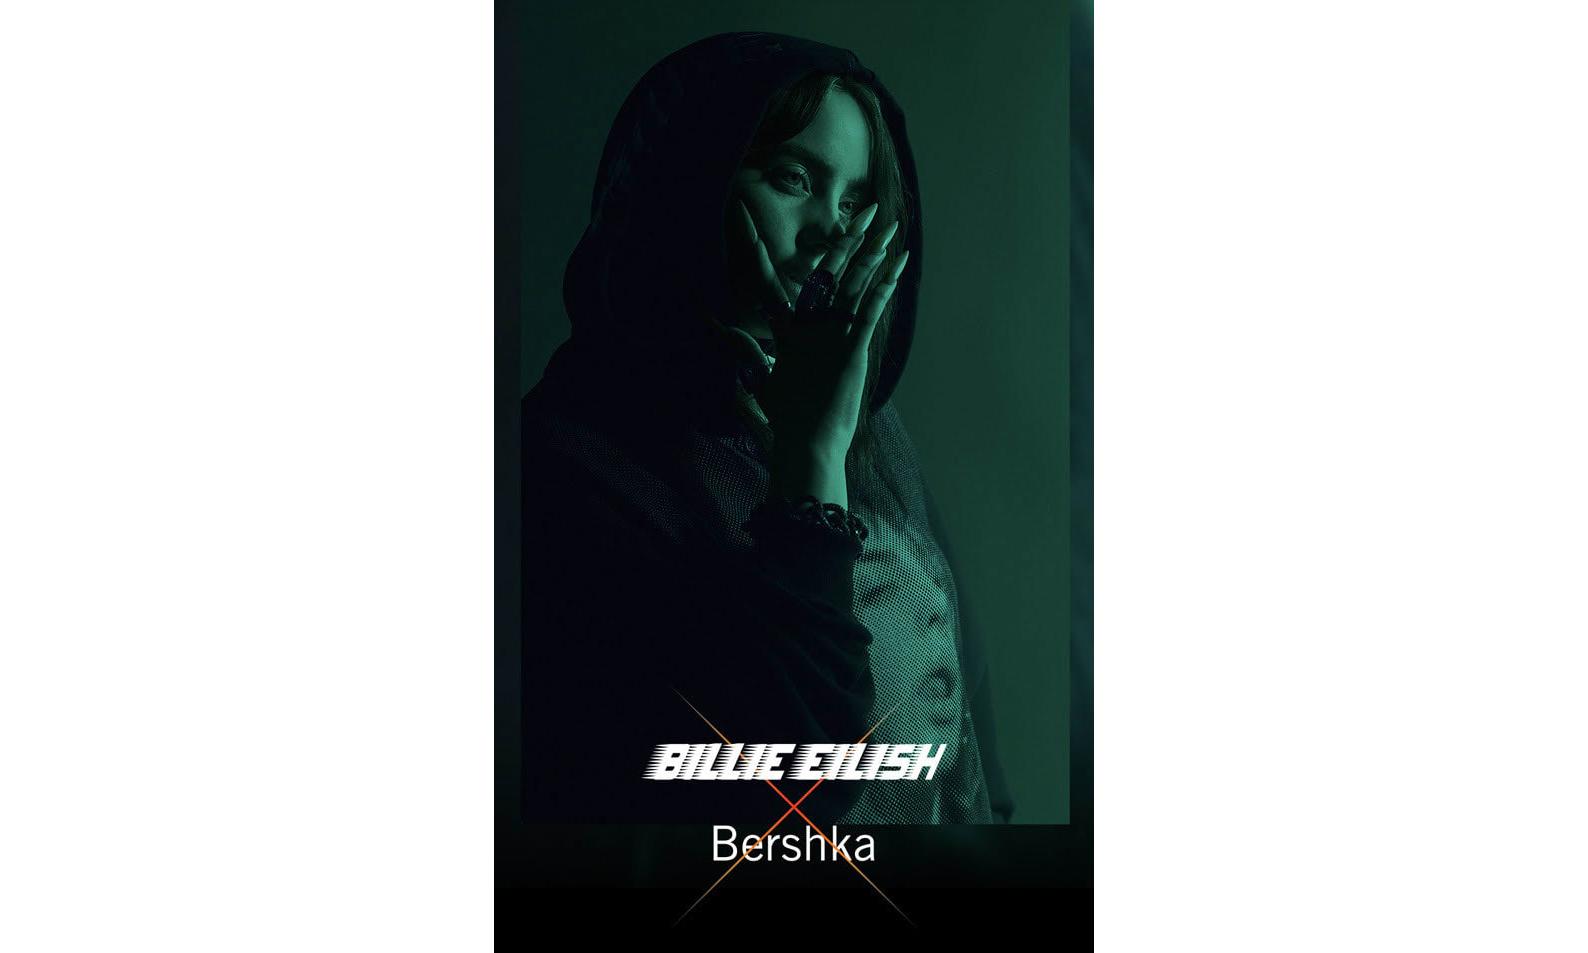 碧梨粉丝福音,Billie Eilish x Bershka 联名胶囊系列预告片释出